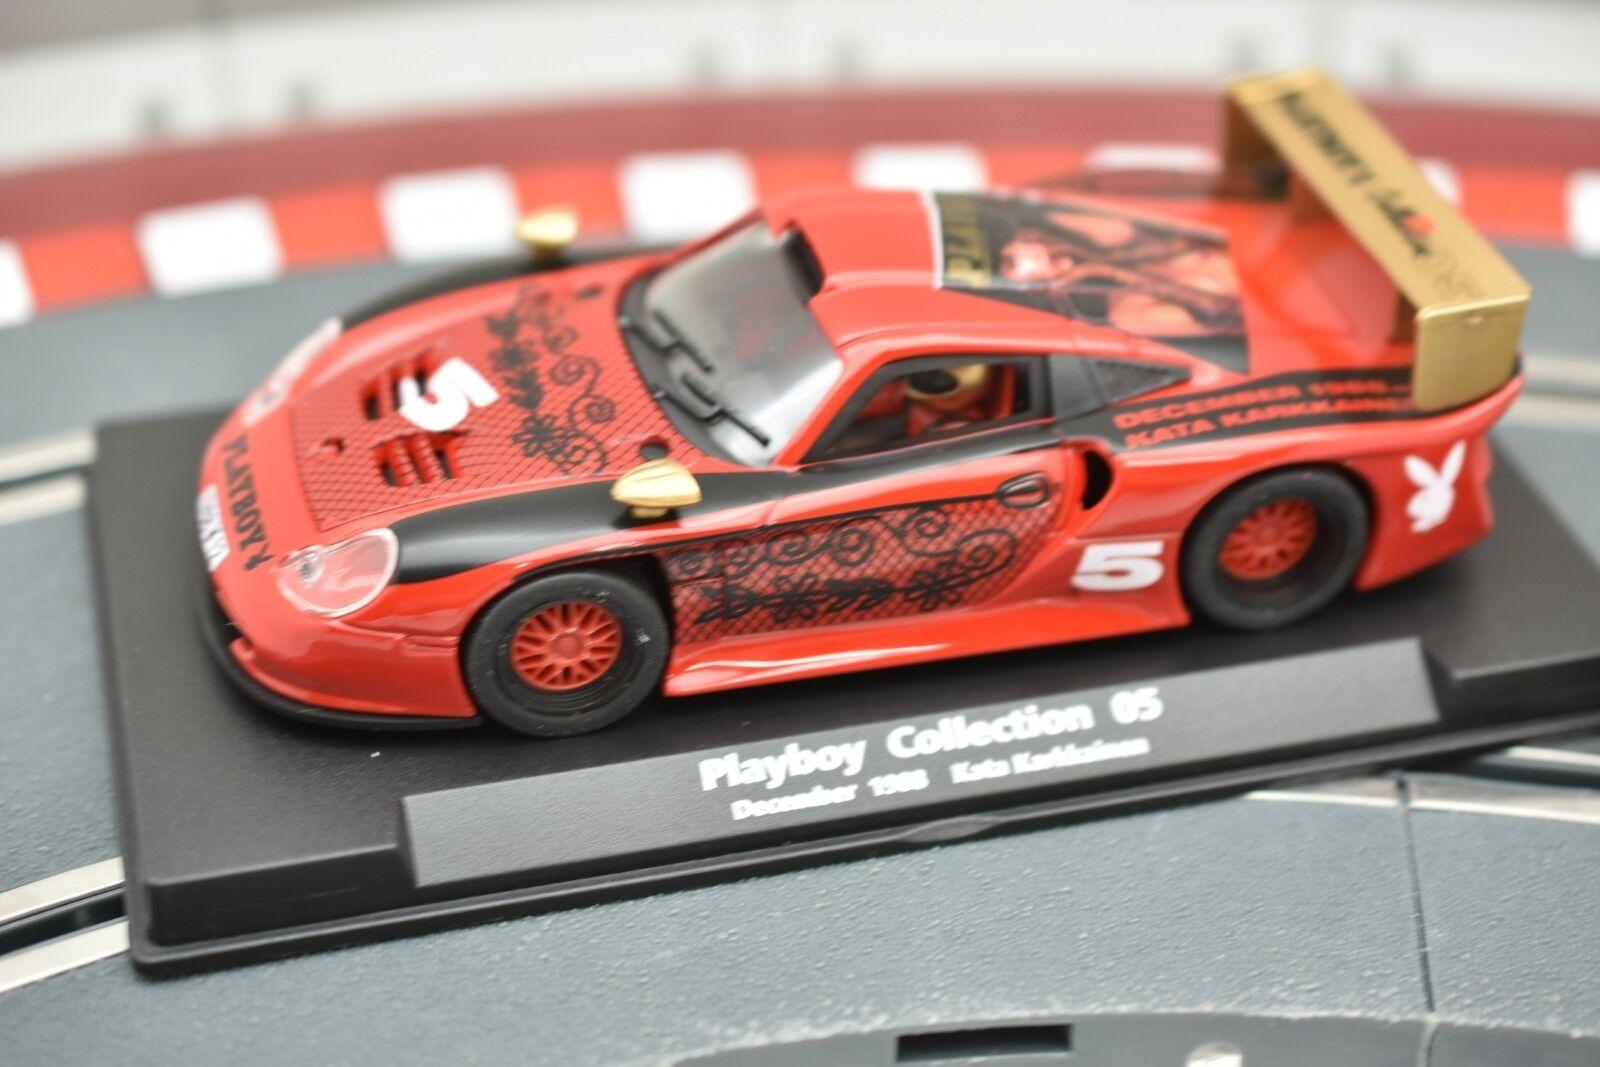 99049 FLY CAR 1 32 SCALE PLAYBOY COLLECTION 05 DEC,1998 KATA KARKKAINEN PORSCHE